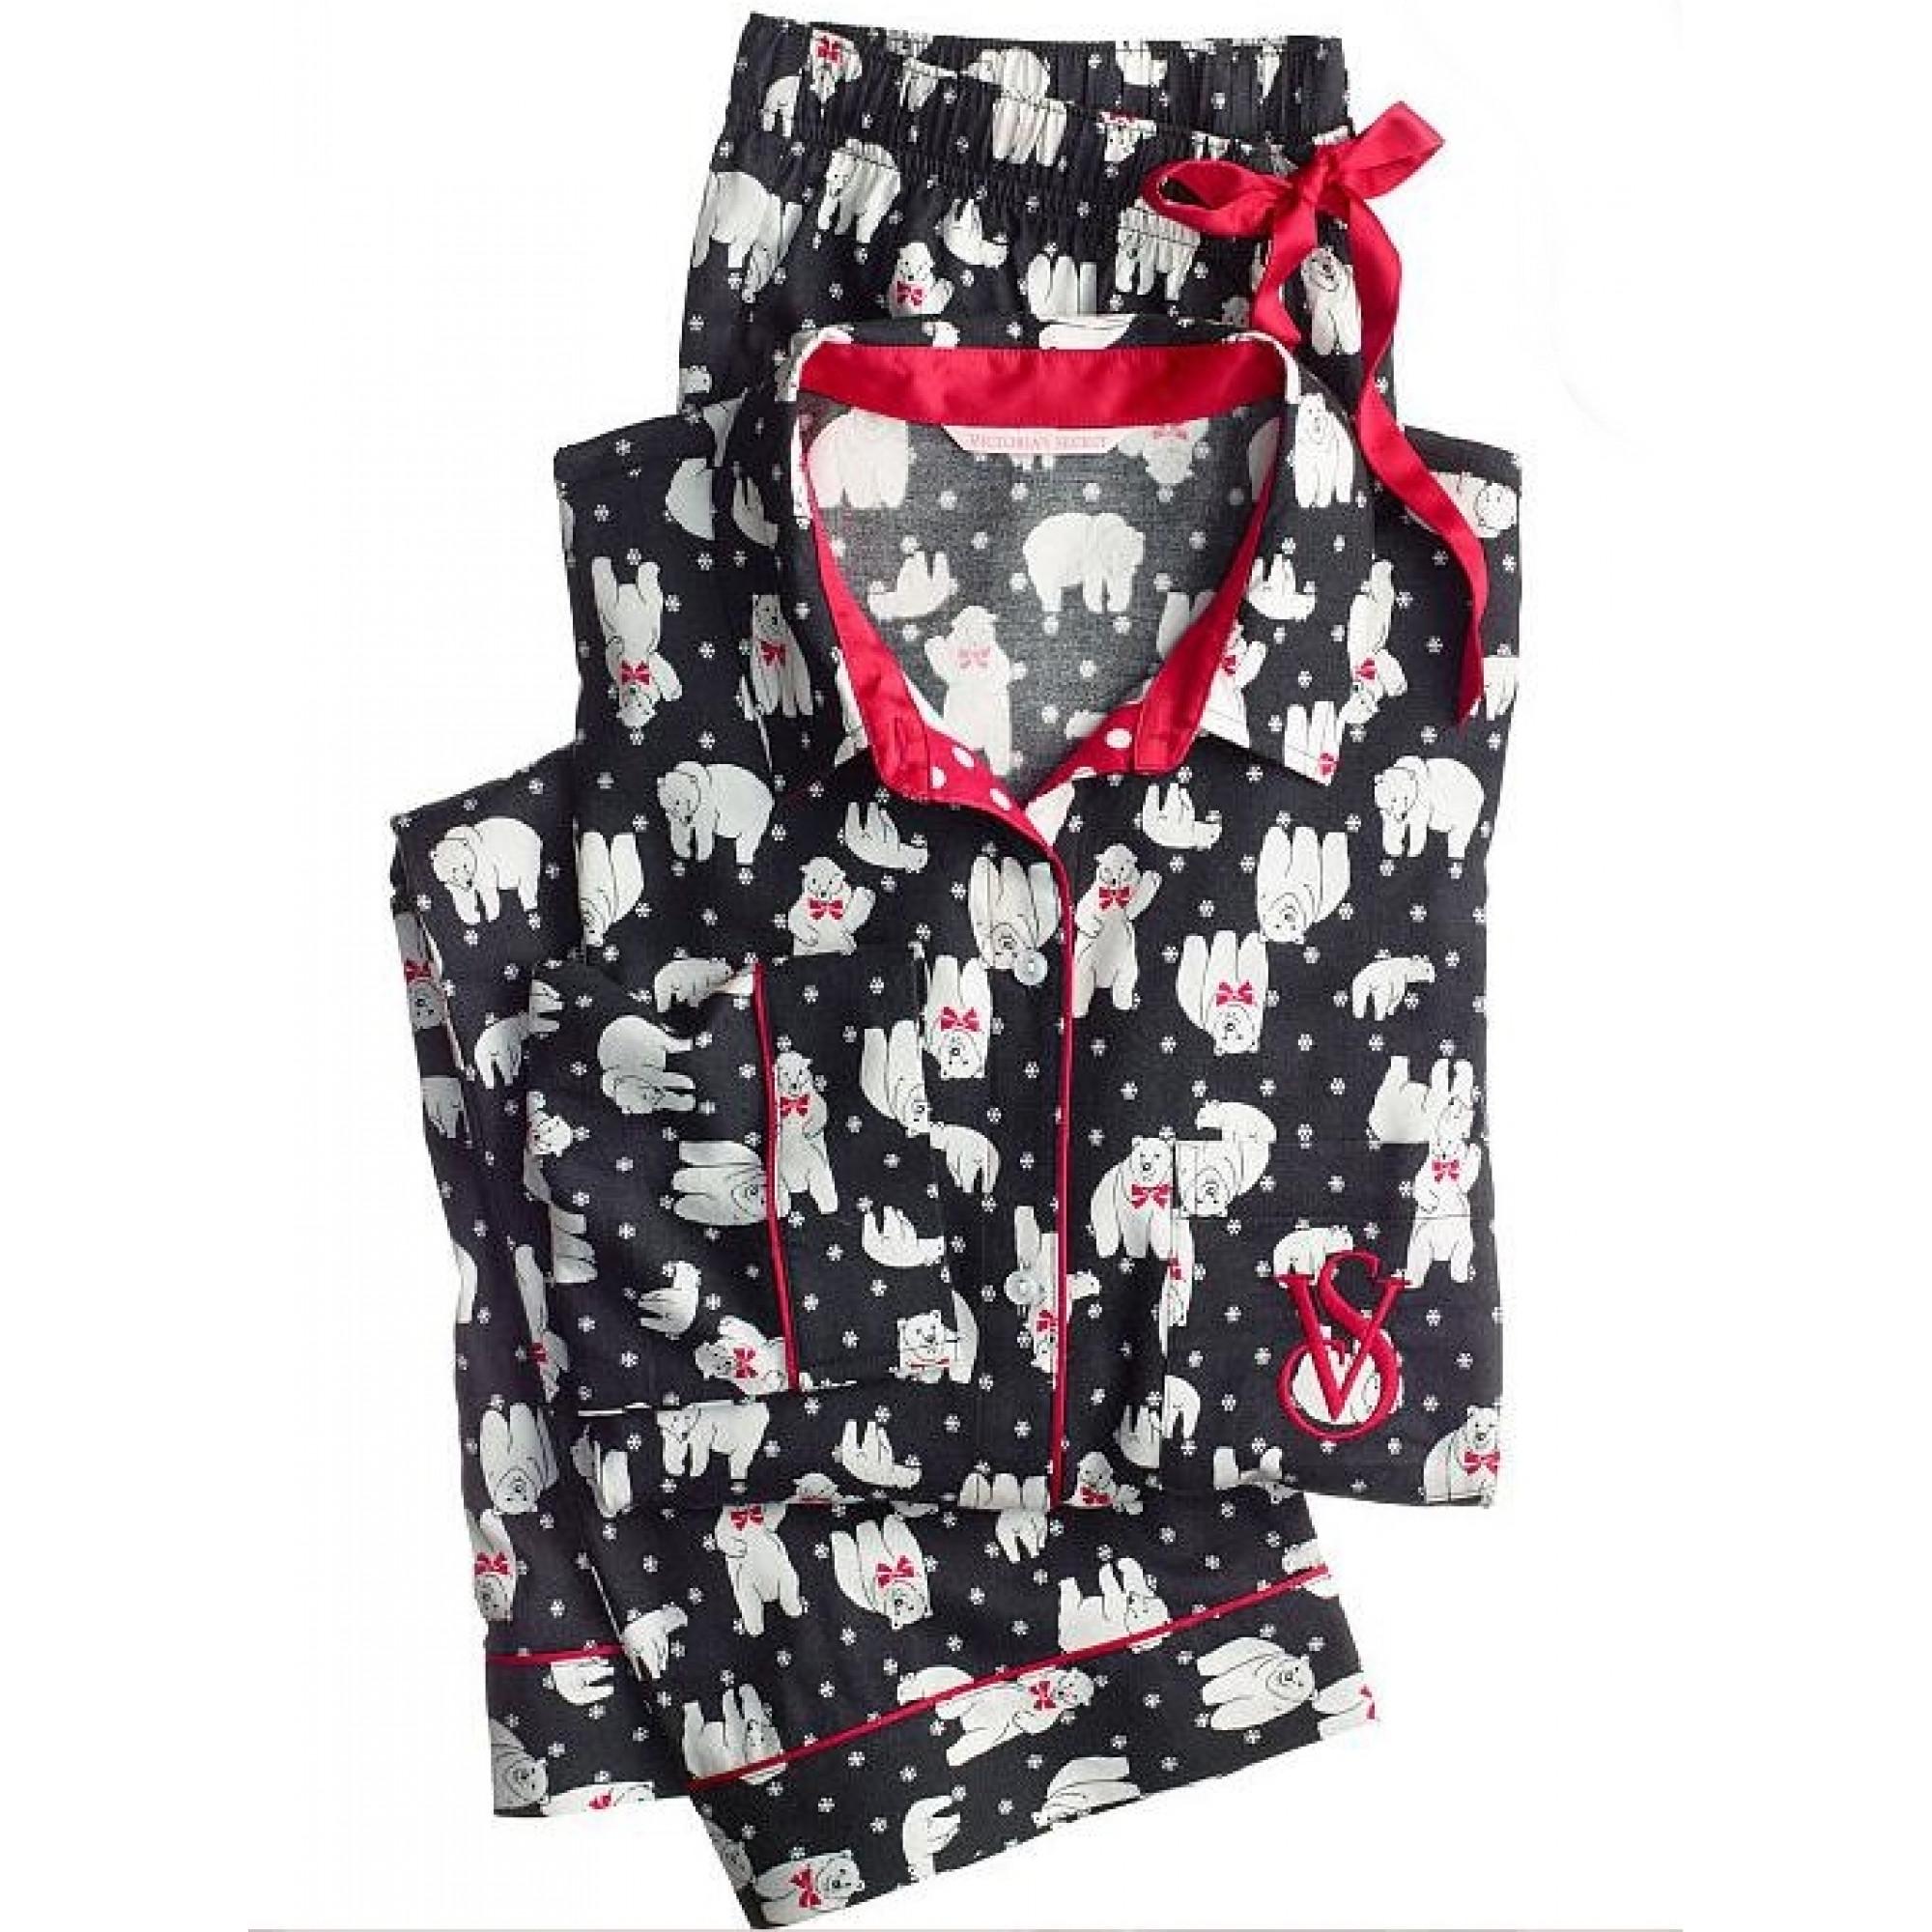 Купить пижама с белым медведем от Виктории Сикрет — в Киеве 2116792c11f61